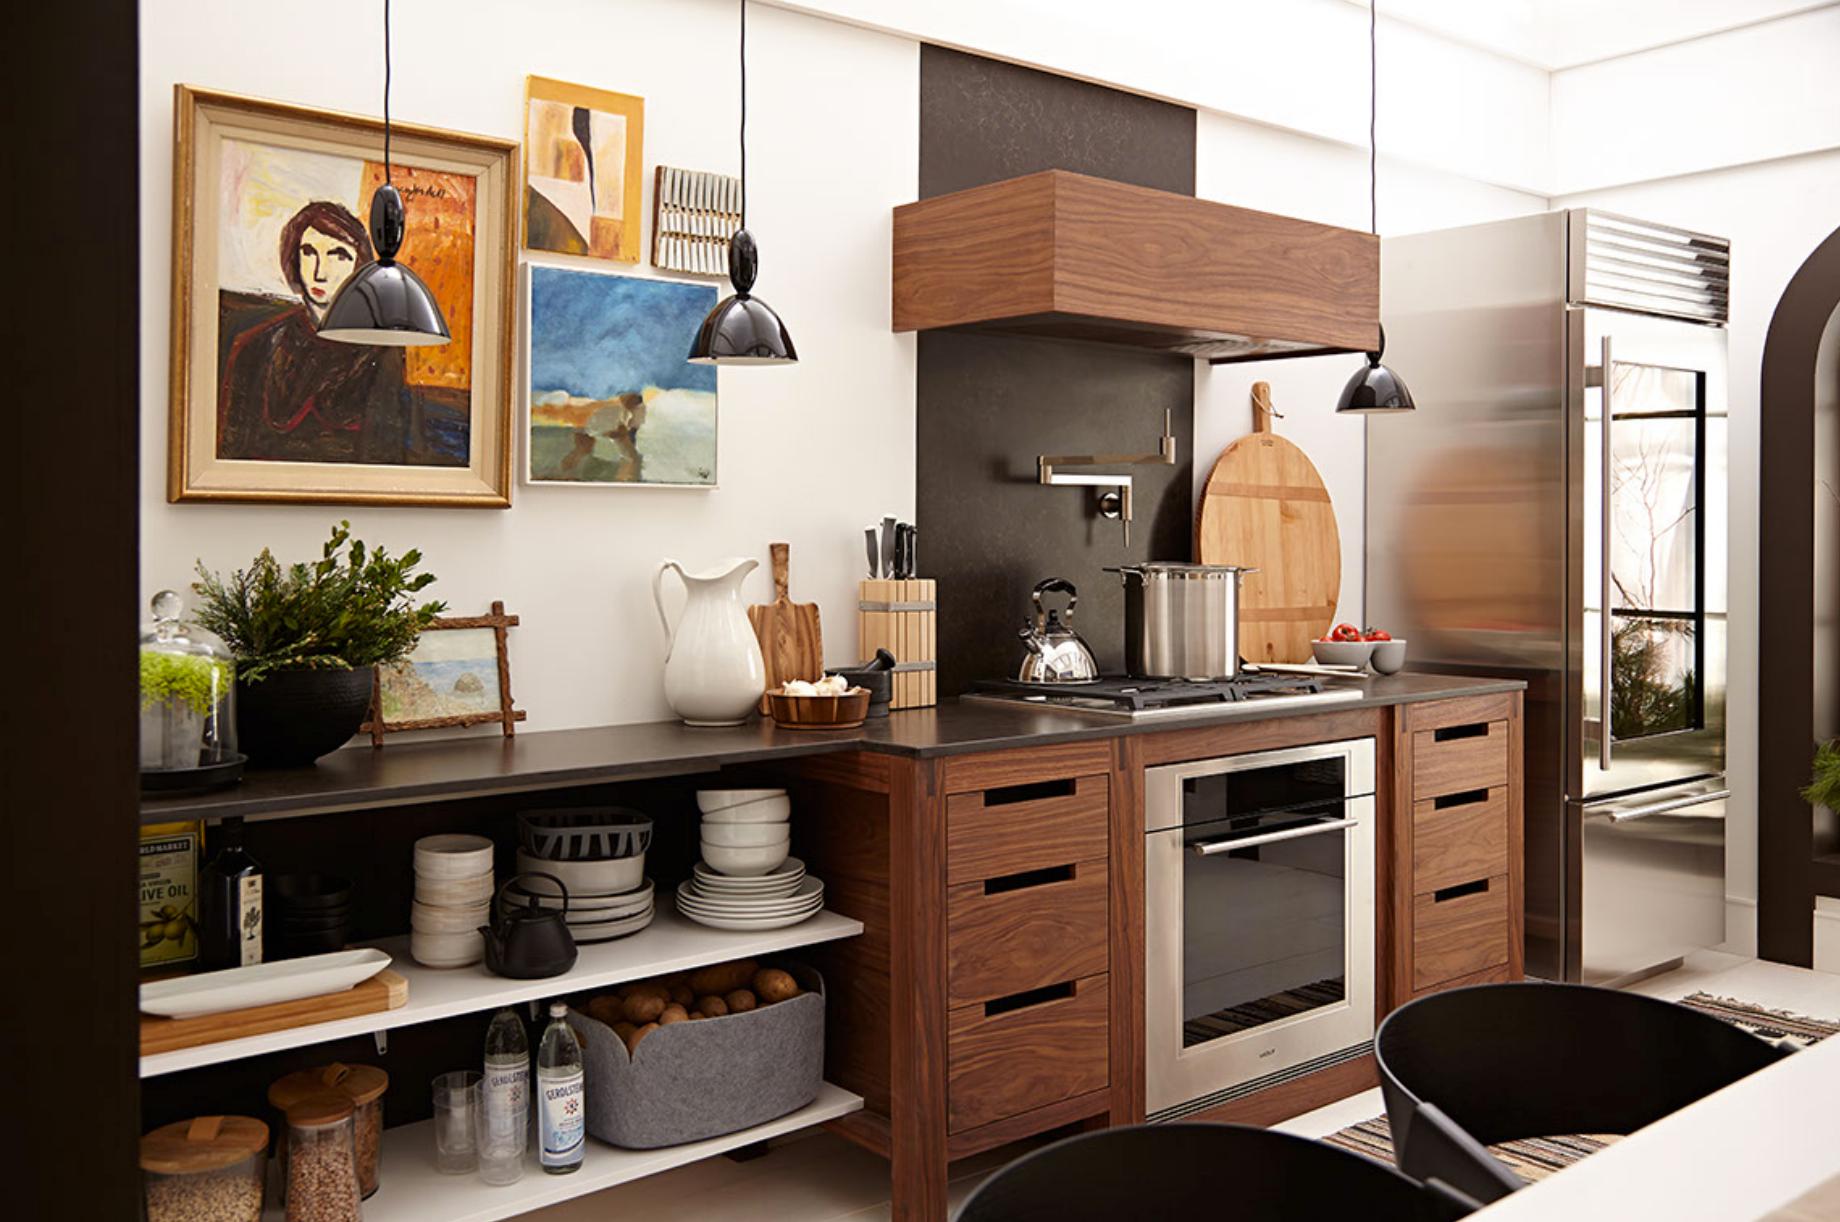 kitchen12a.jpg